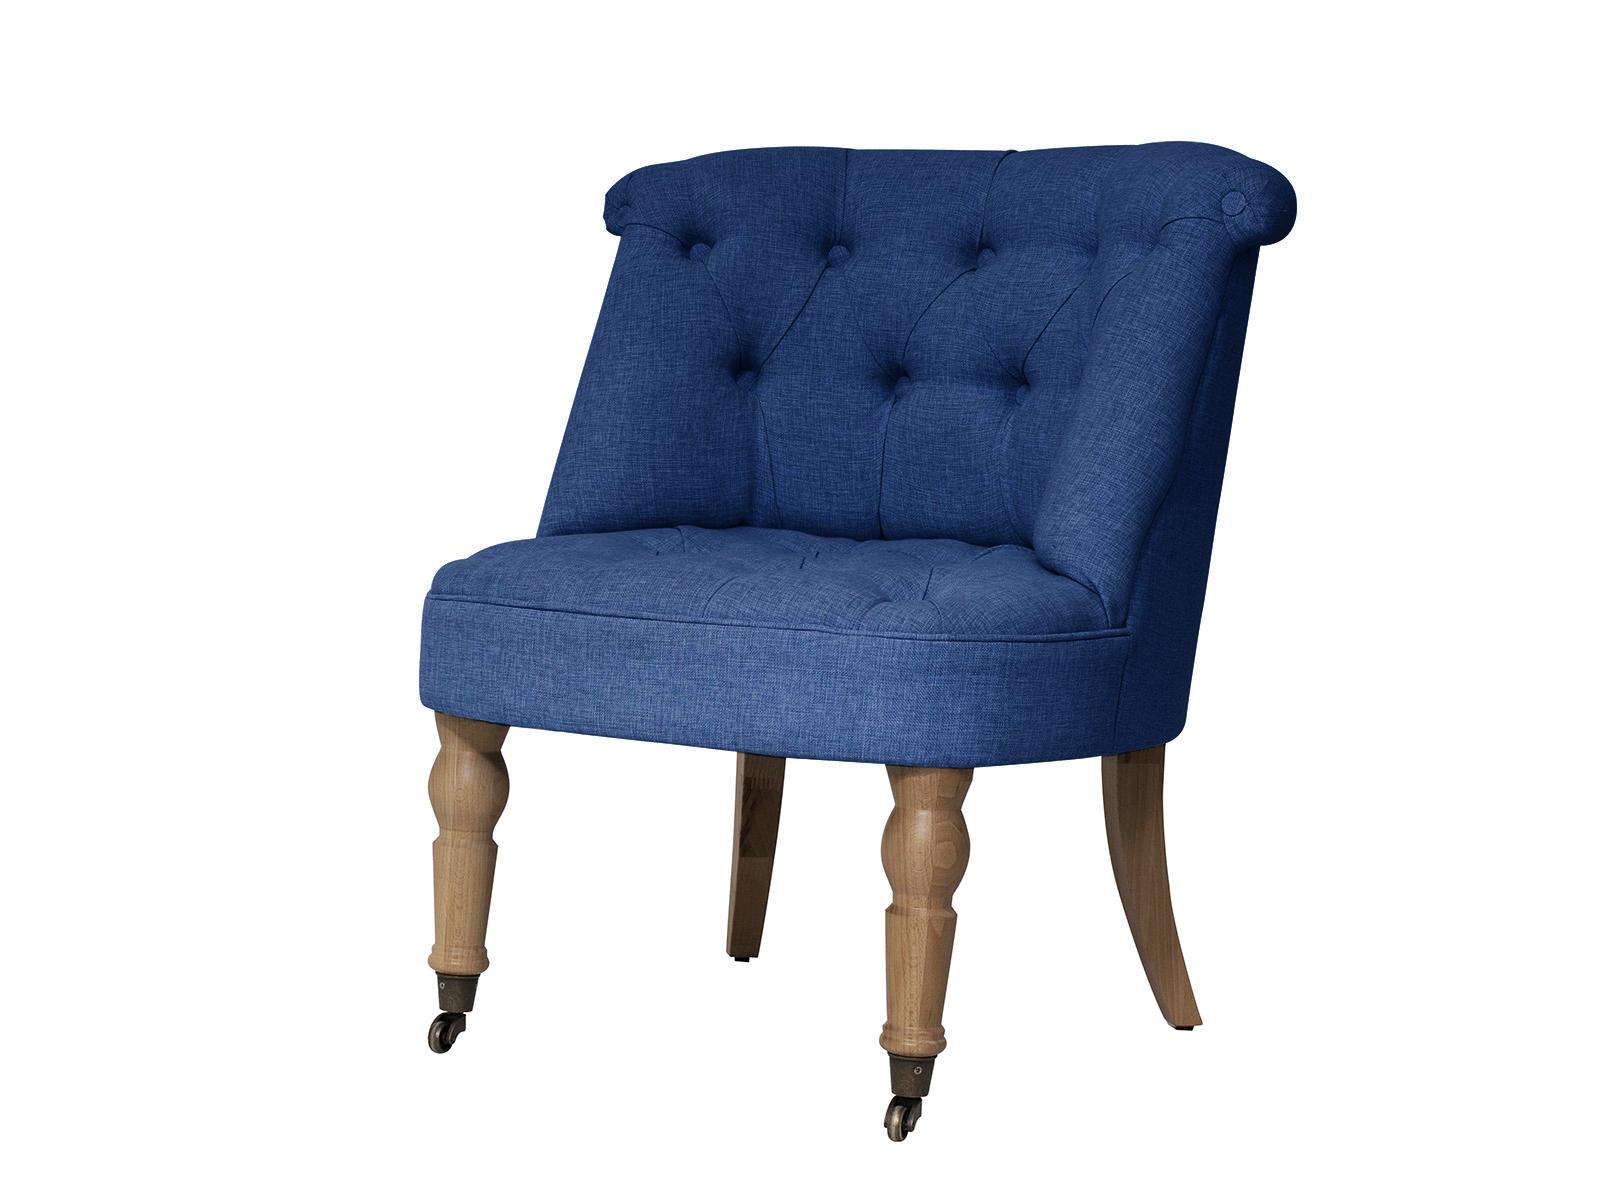 Кресло VisconteКресла<br>Низкое мягкое кресло на точёных ножках с колёсиками. Спинка и сиденье декорированы стёжкой капитоне на пуговицах.<br>